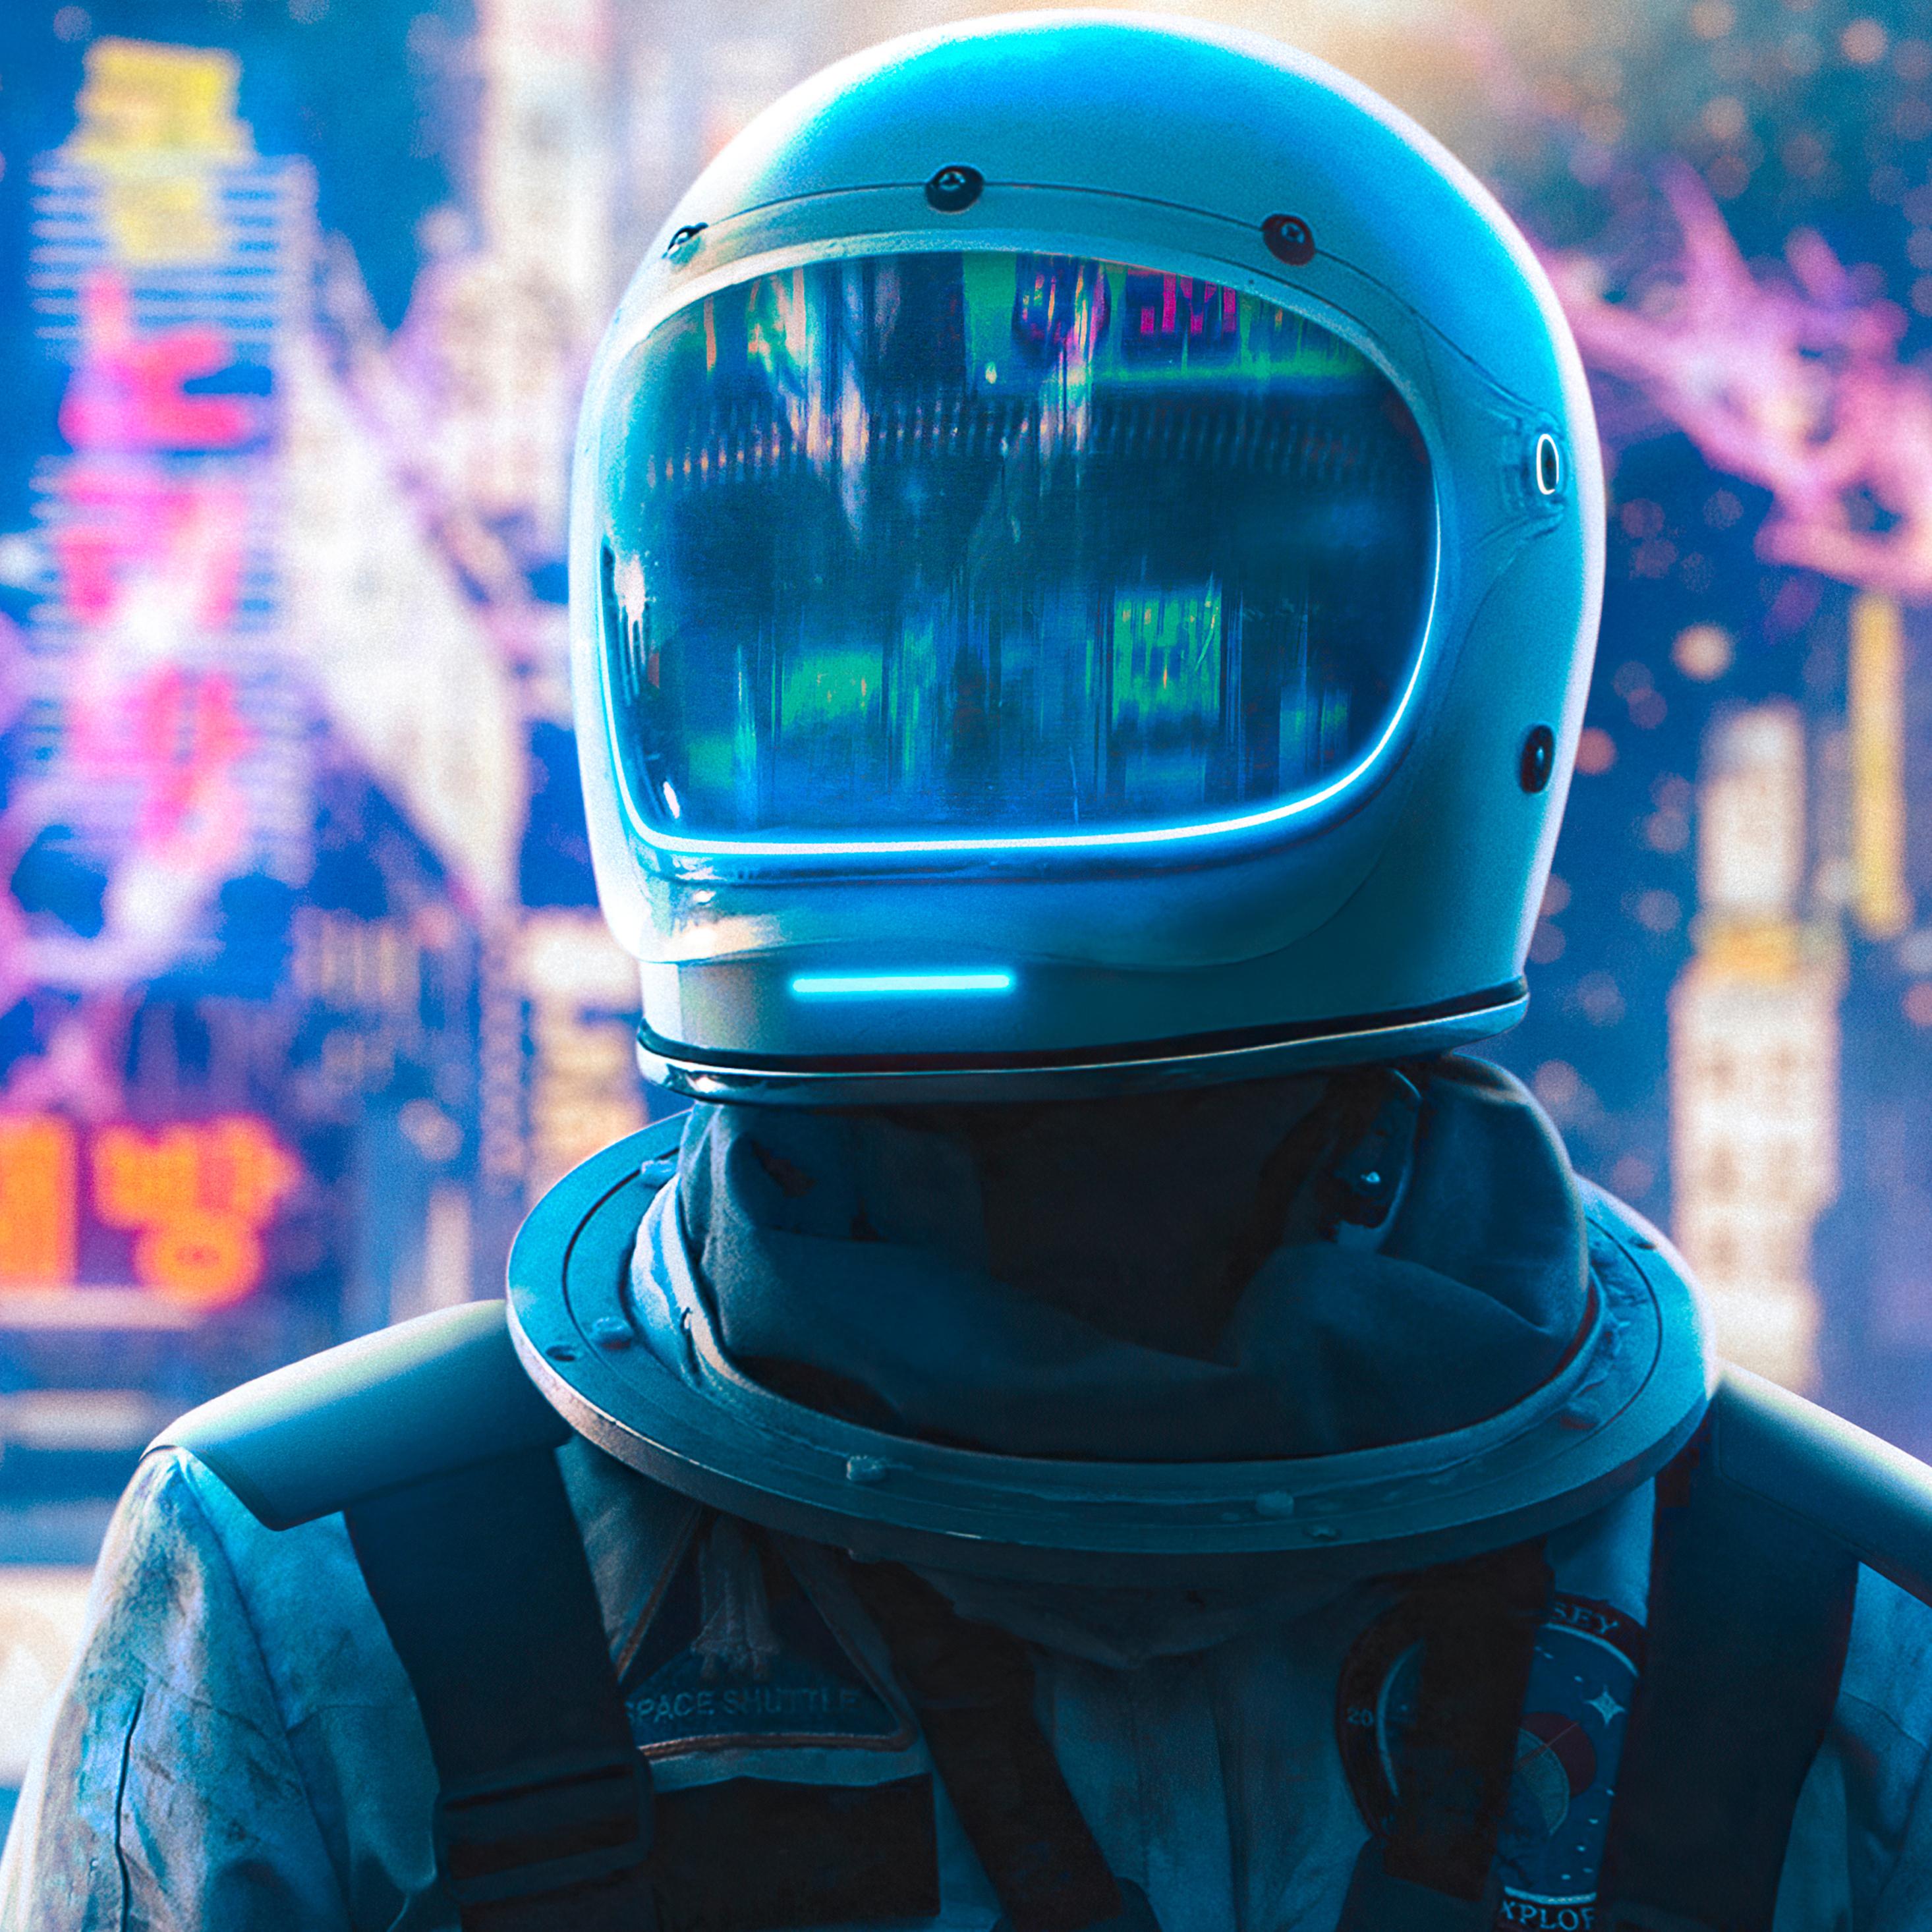 astronaut-alone-in-neon-city-4k-ul.jpg